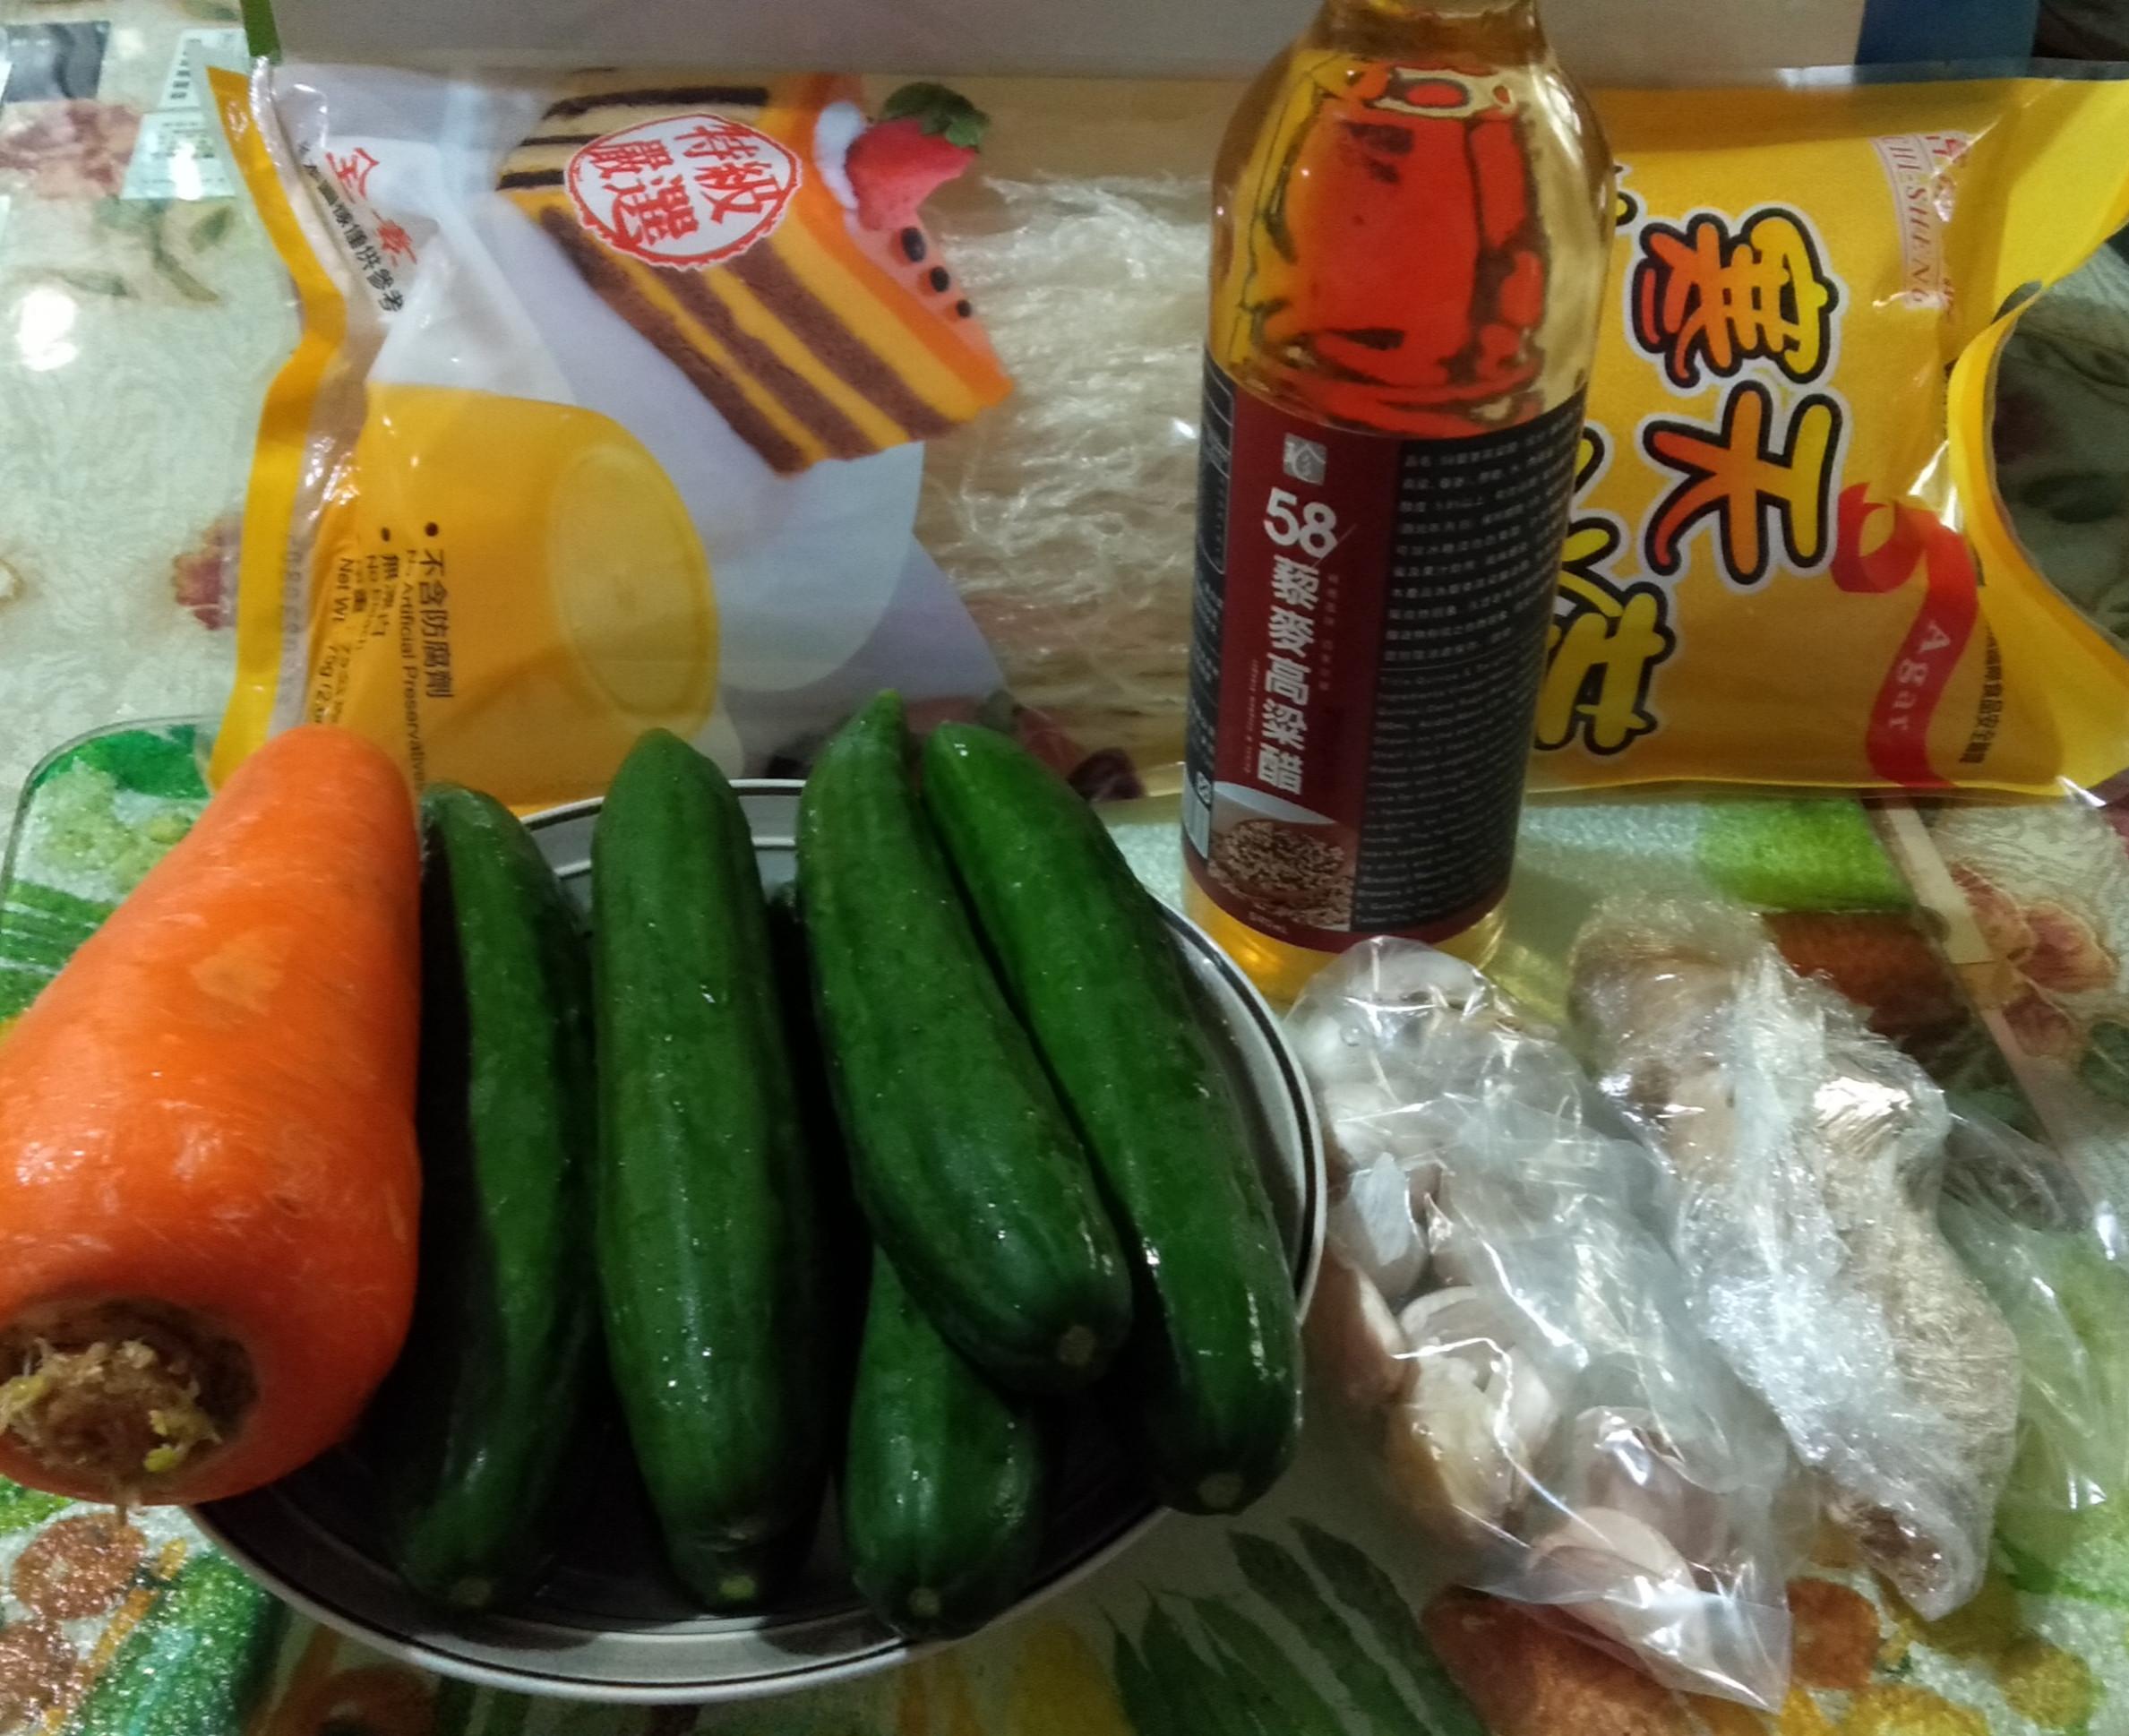 涼拌三絲(58/藜麥高梁醋)